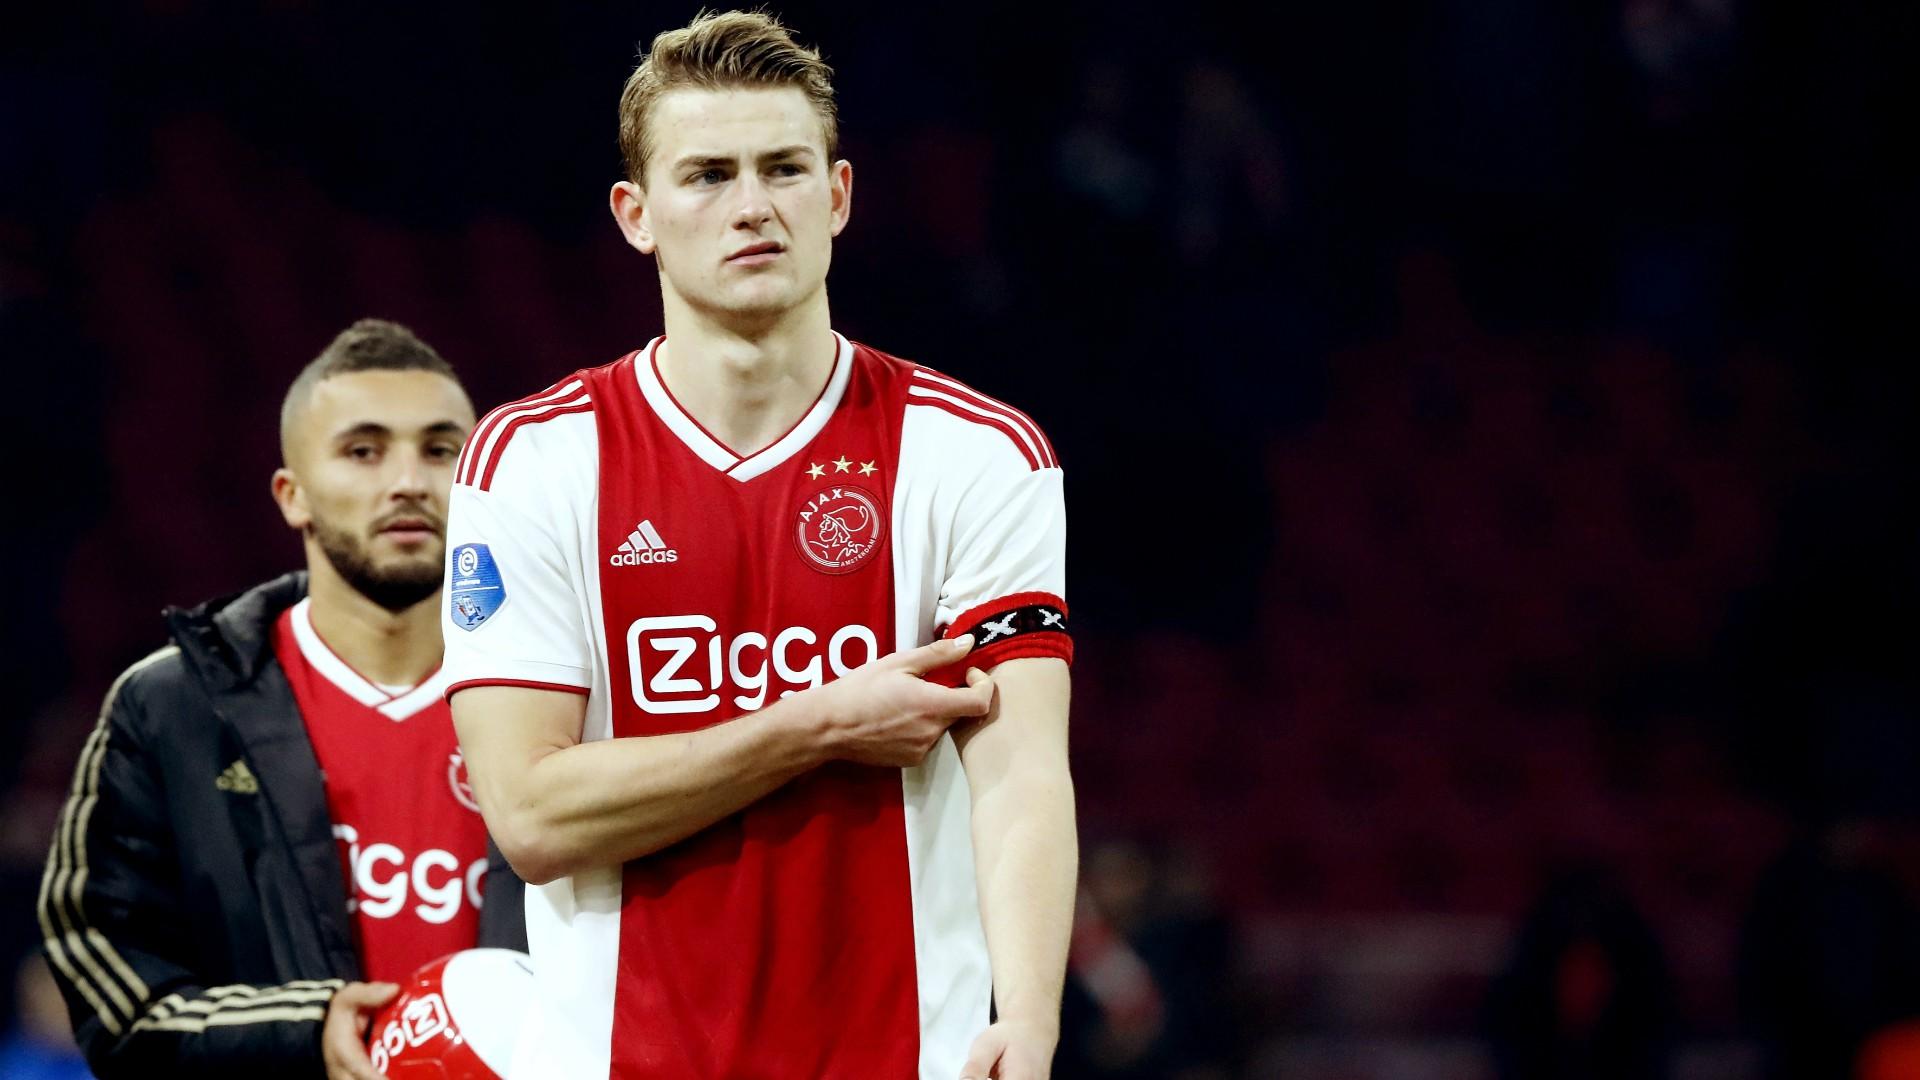 Đội trưởng 19 tuổi đẹp trai như thiên thần của Ajax phải cắt quần thi đấu vì đùi quá to - Ảnh 9.